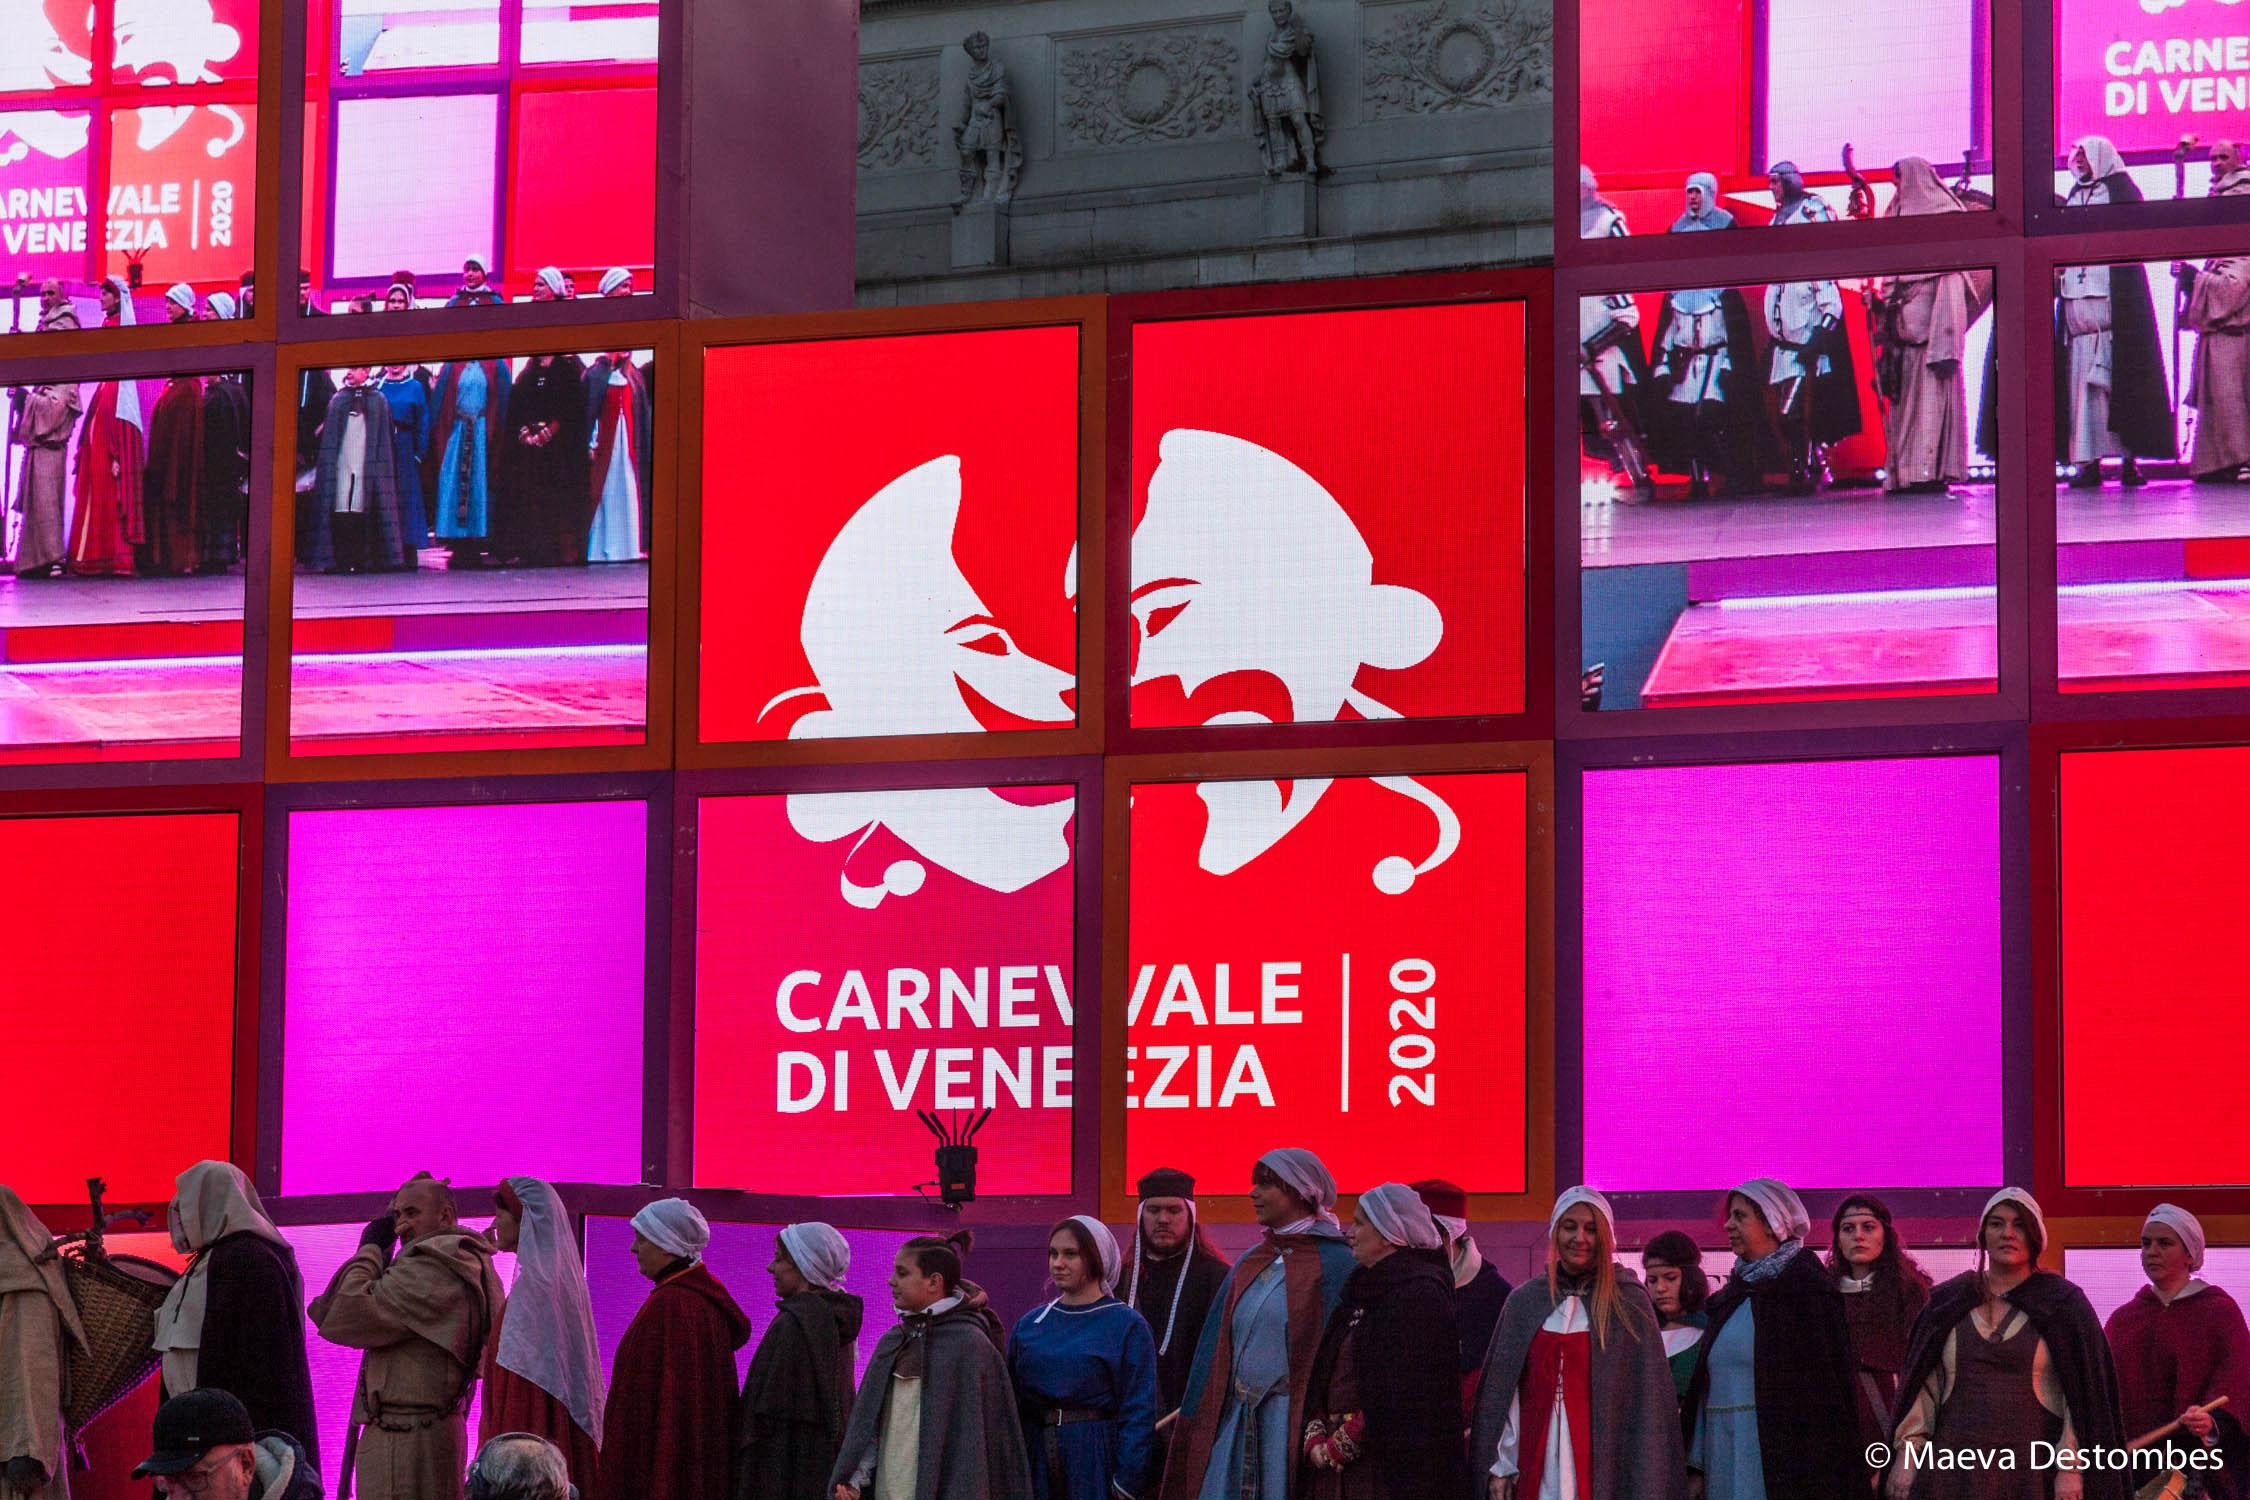 Le podium du carnaval de Venise 2020 sur la Place Saint-Marc